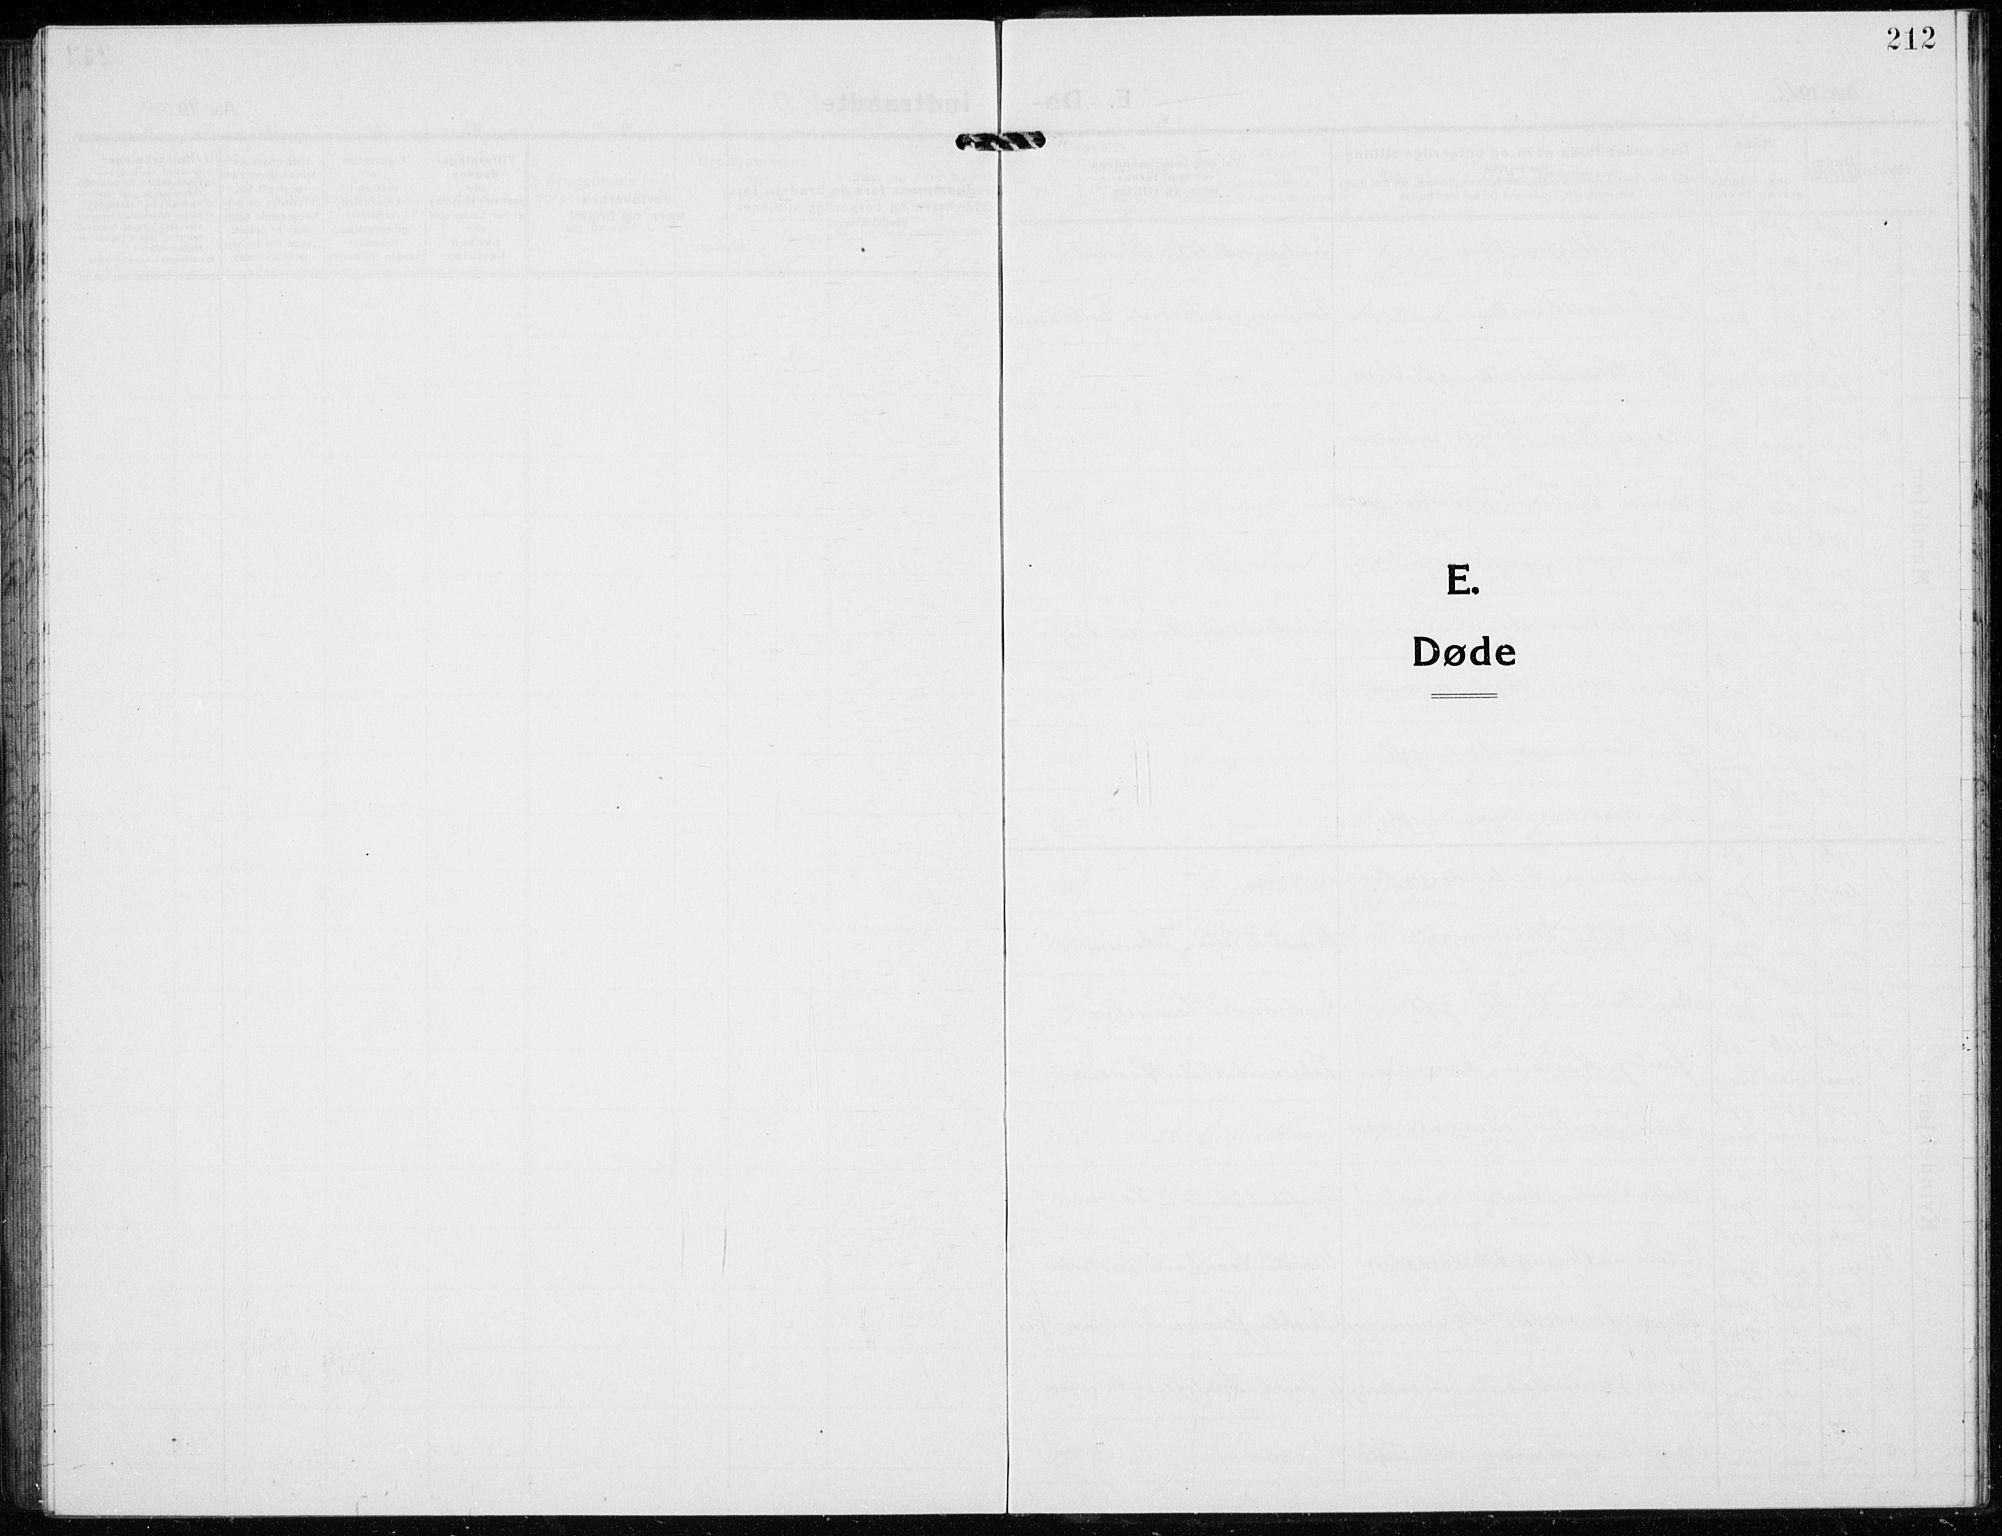 SAH, Jevnaker prestekontor, Klokkerbok nr. 5, 1919-1934, s. 212